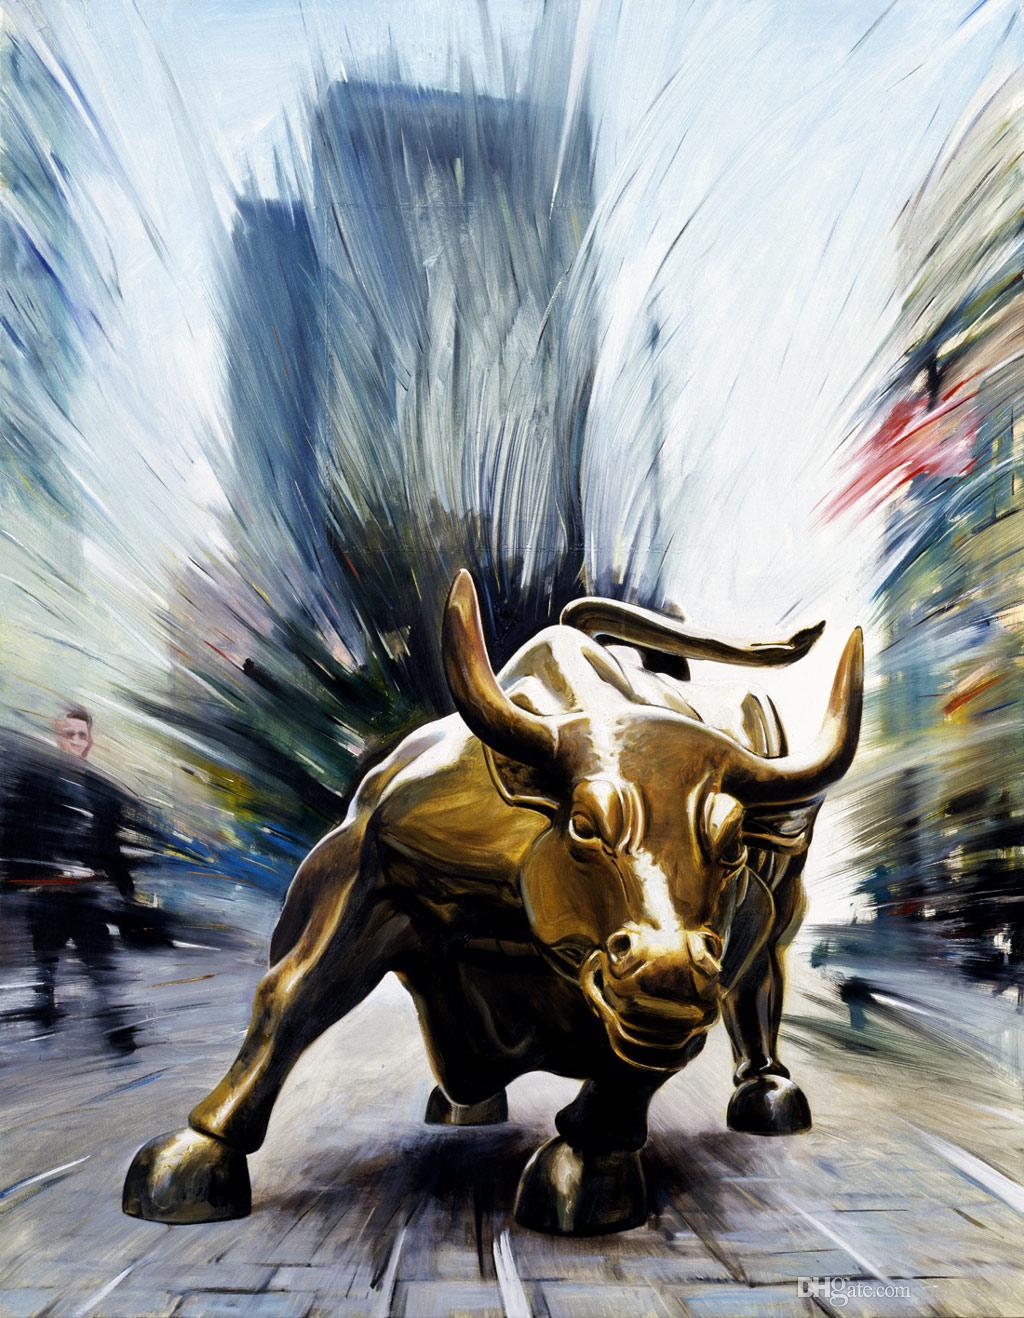 Le Wall Street Bull de New York Nasdaq USA Bowling Green Haute Définition Toile d'artiste Fantaisie Décoration Peinture Fancy1470